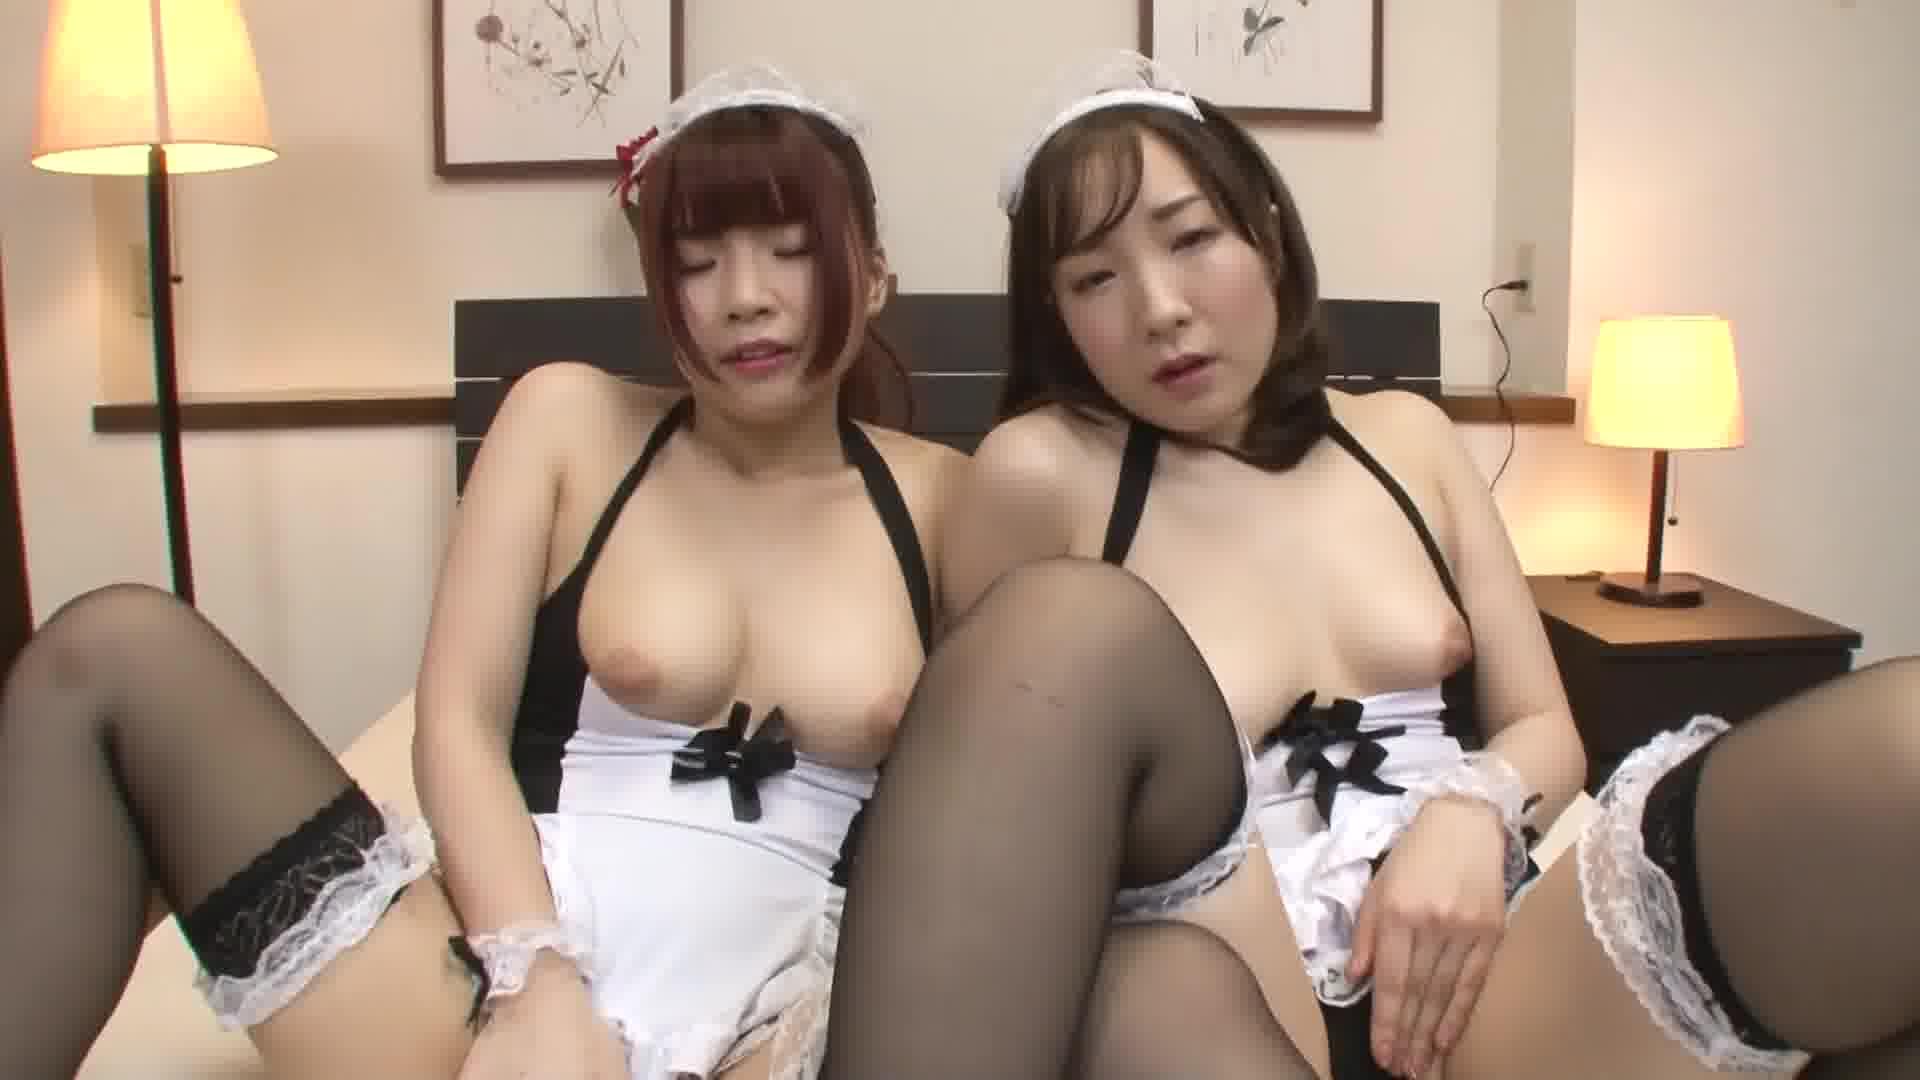 子作り懇願3Pメイド ~おおきくなぁれっ!萌え萌えキュン!~ - さおり【メイド・3P・中出し】